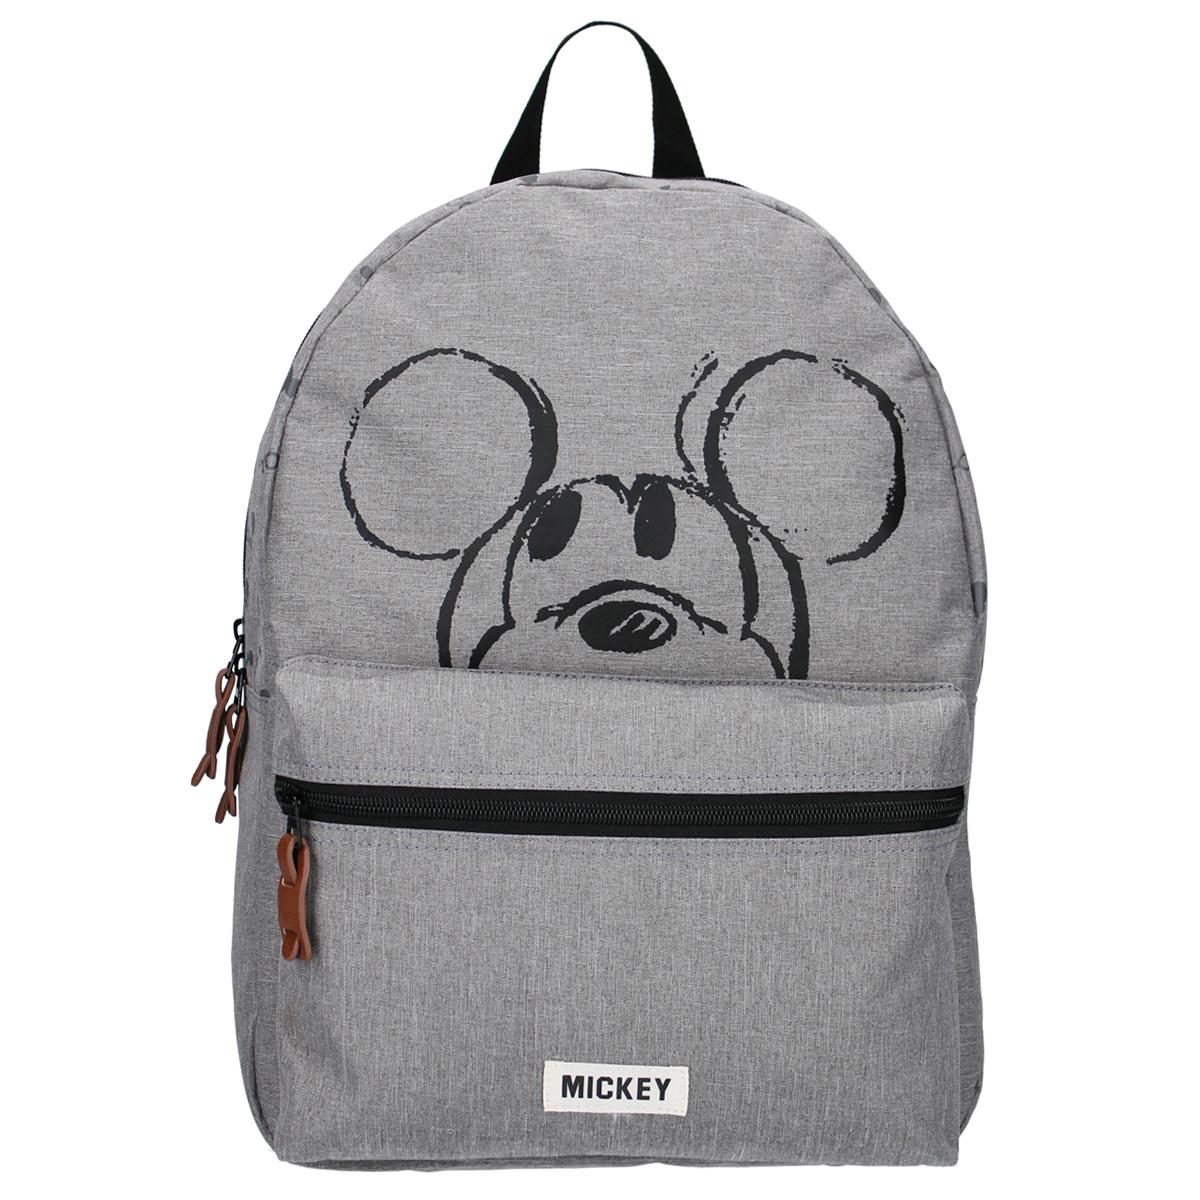 Sac à dos créateur \'Mickey\' gris - 39x29x12 cm - [A0122]